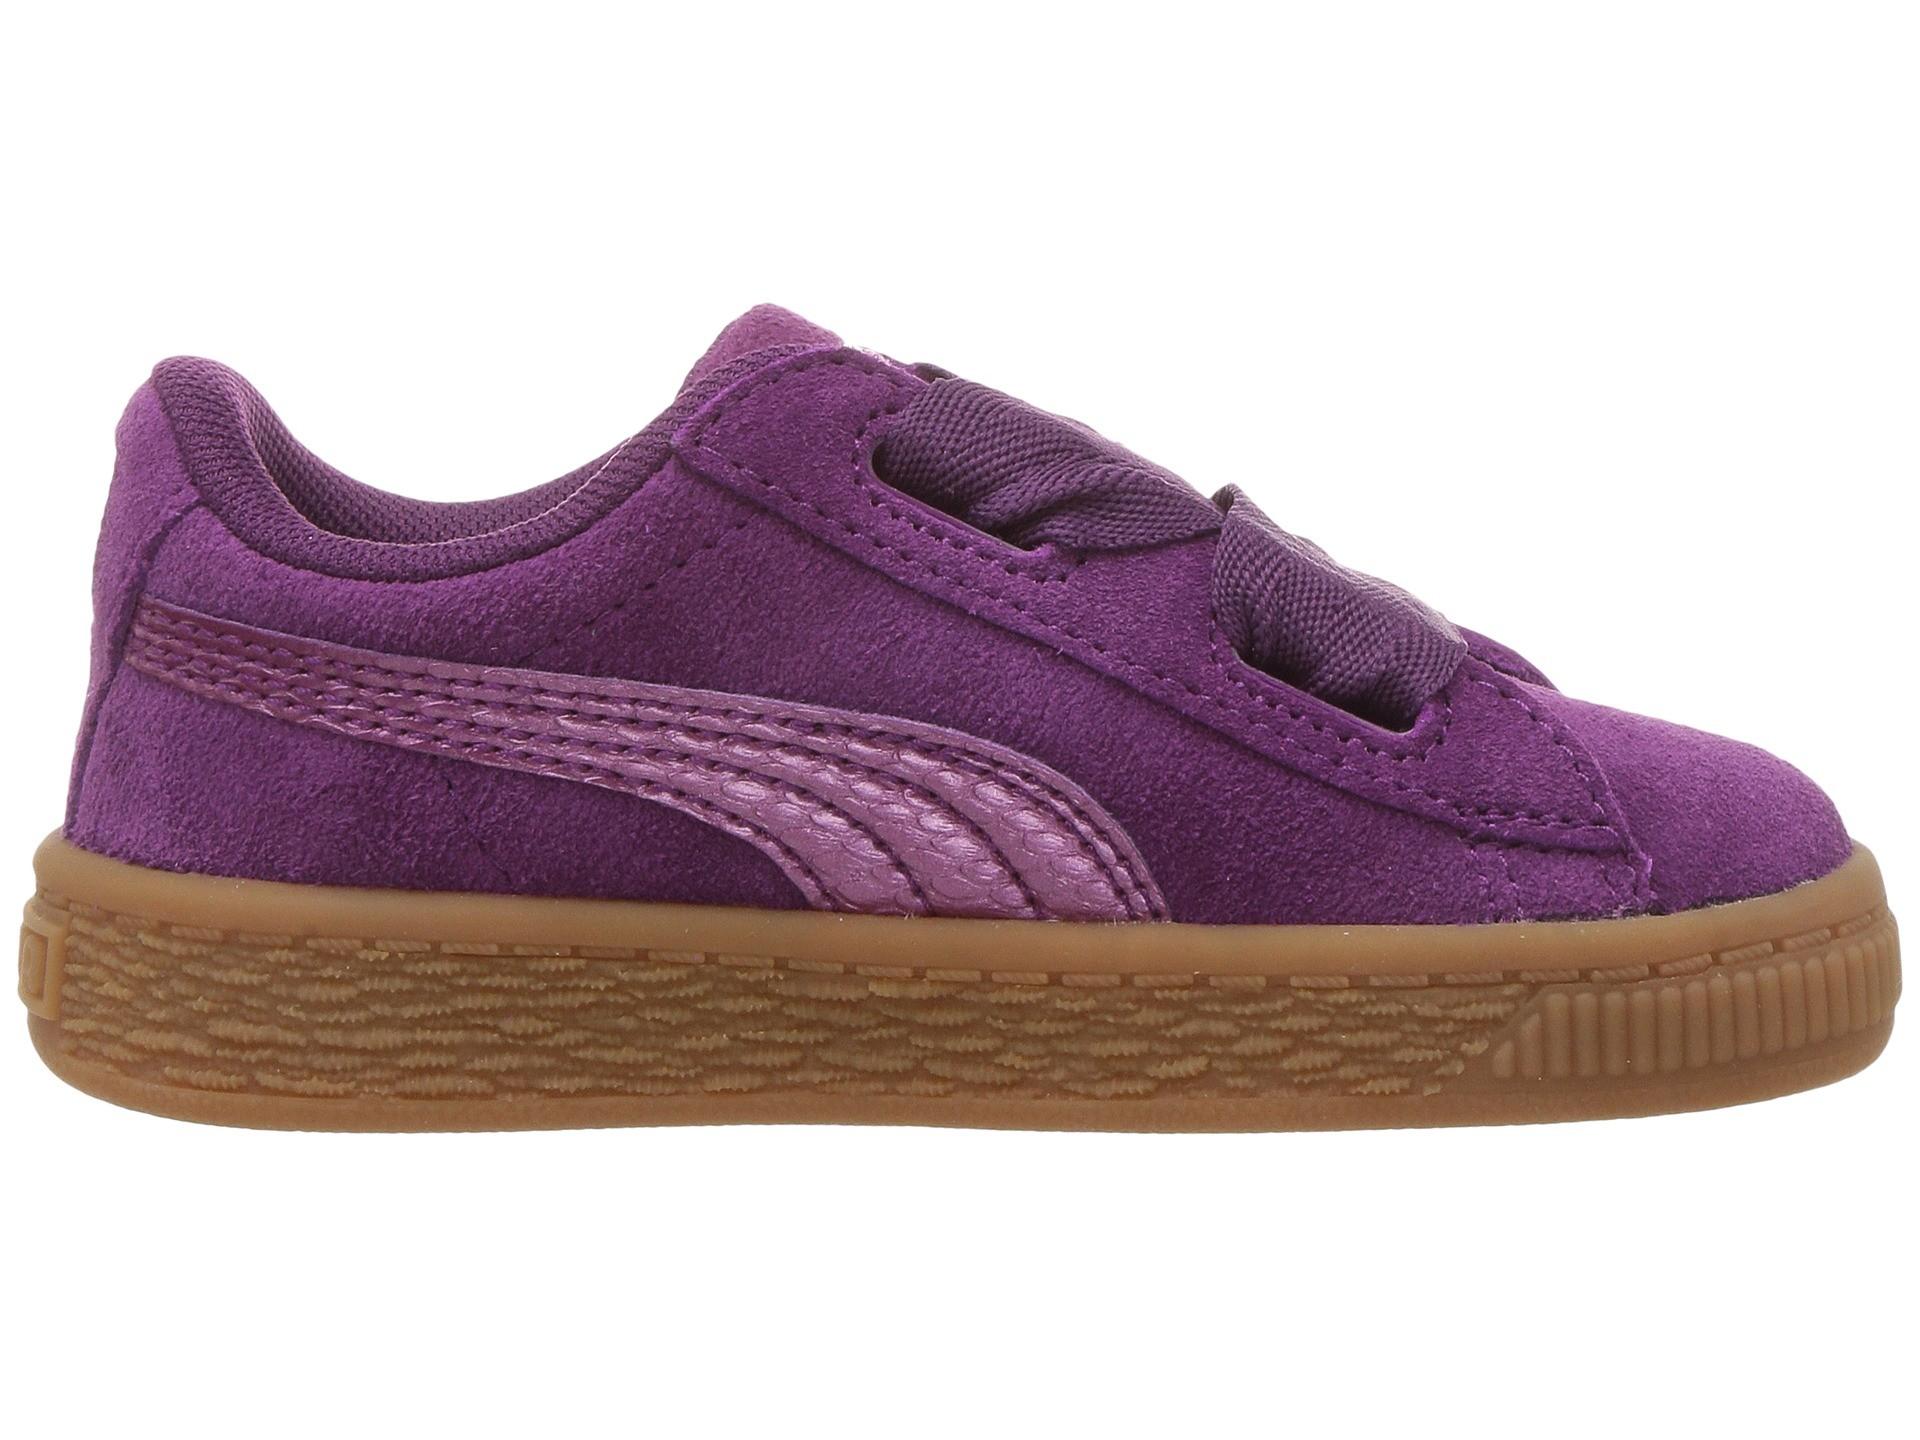 f5ba58a39bb Meisjes Suede Platform sneakers van Puma. Het bovenwerk van de sneaker  bestaat uit suède en heeft een vetersluiting voor een brede veter.